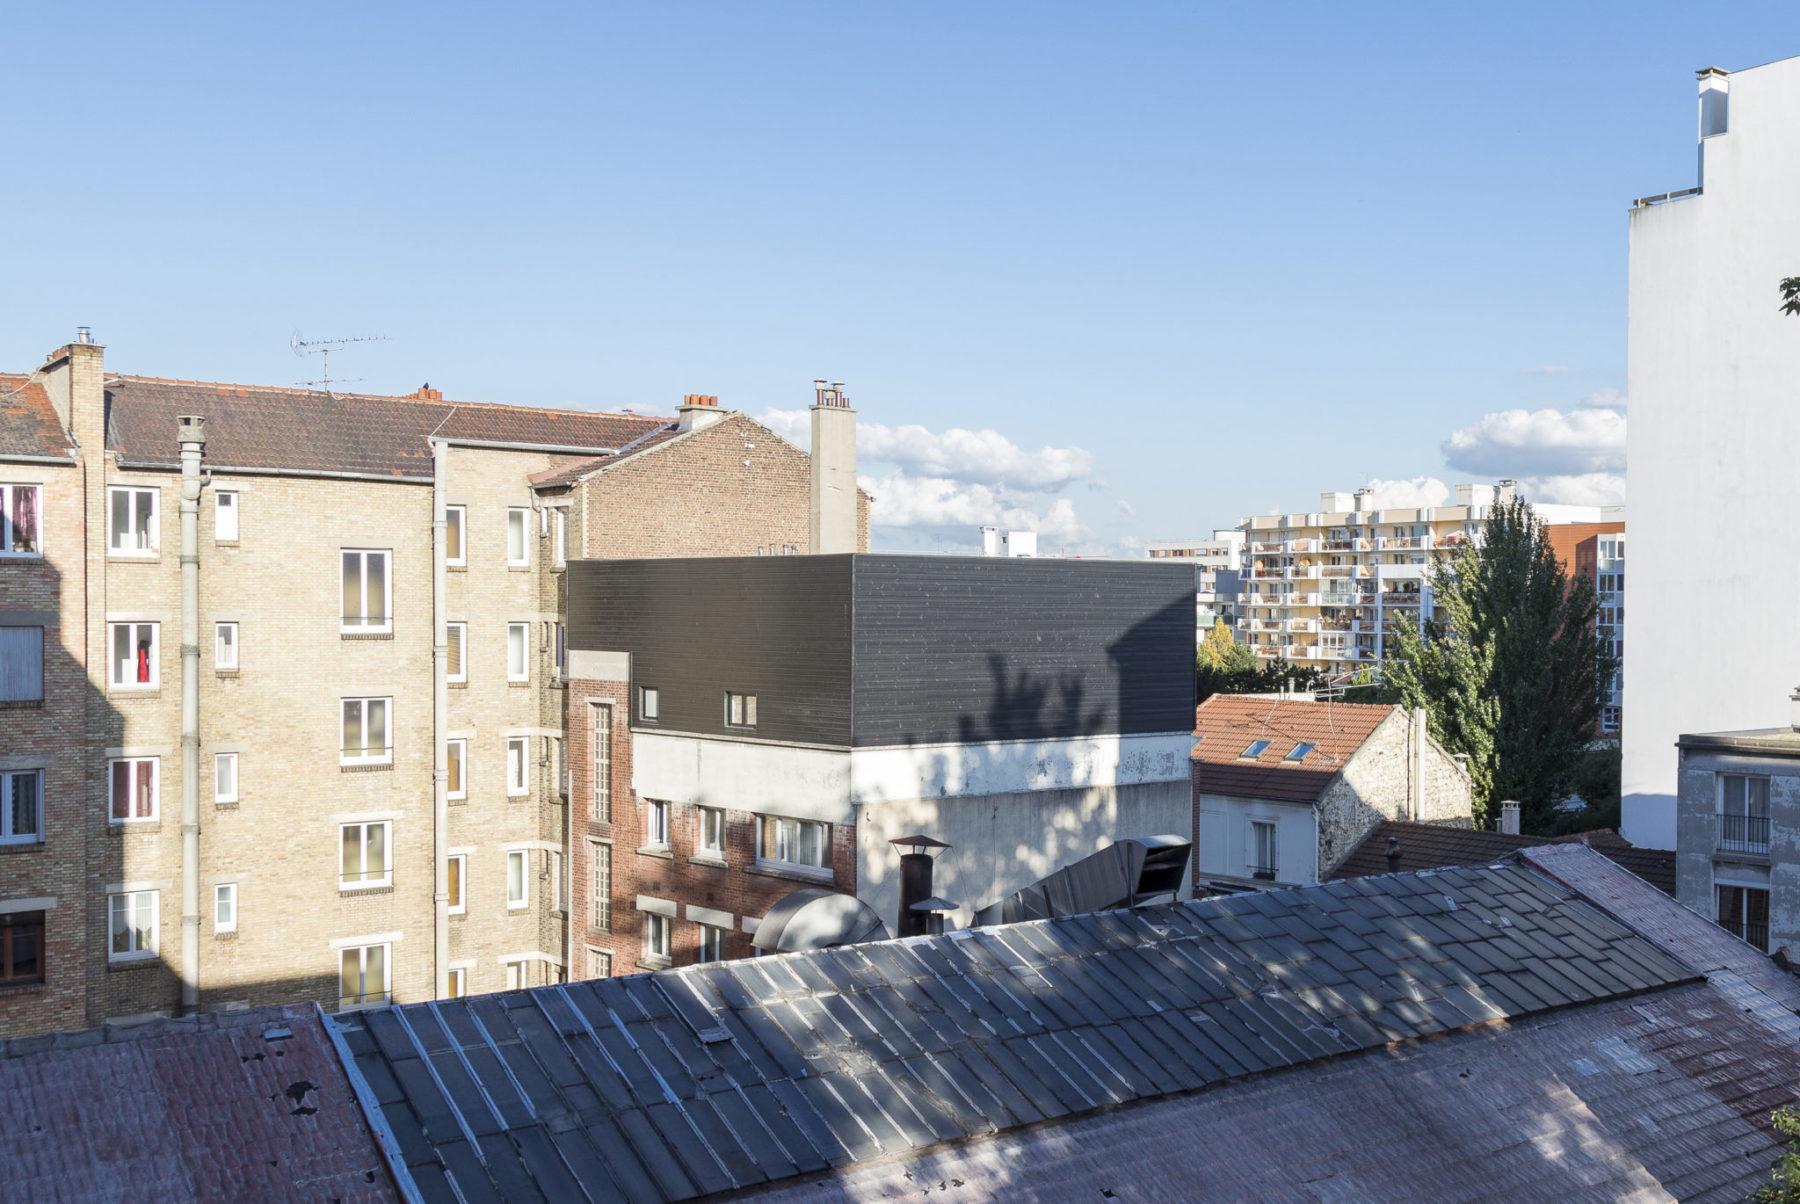 Extension en bois appartement Paris, vue de dos, rooftop, terrasse, bardage bois, Paris